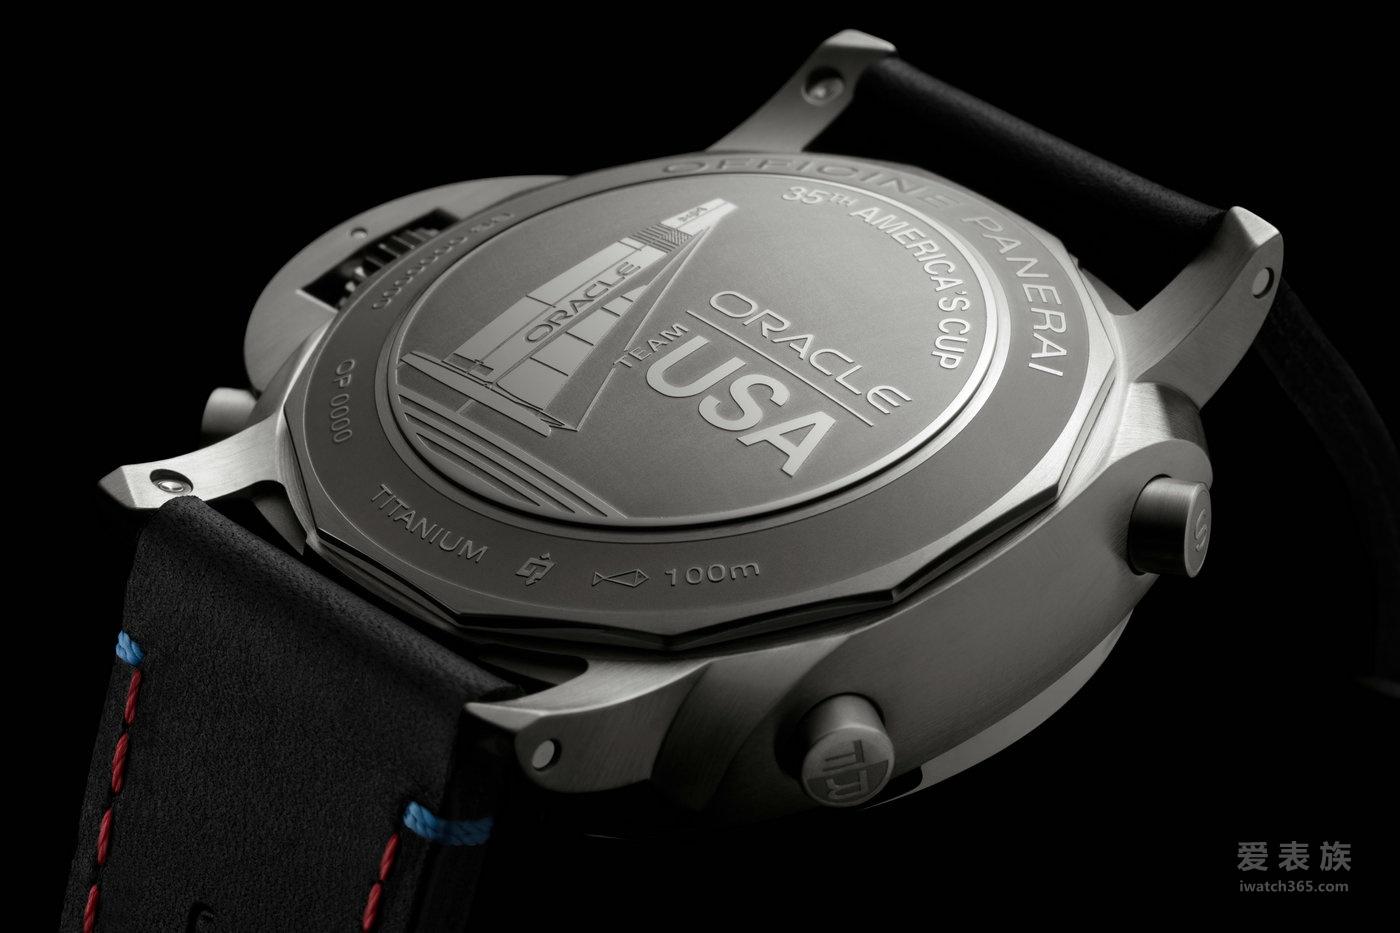 沛纳海Luminor 1950系列飞返计时钛金属自动腕表PAM00726